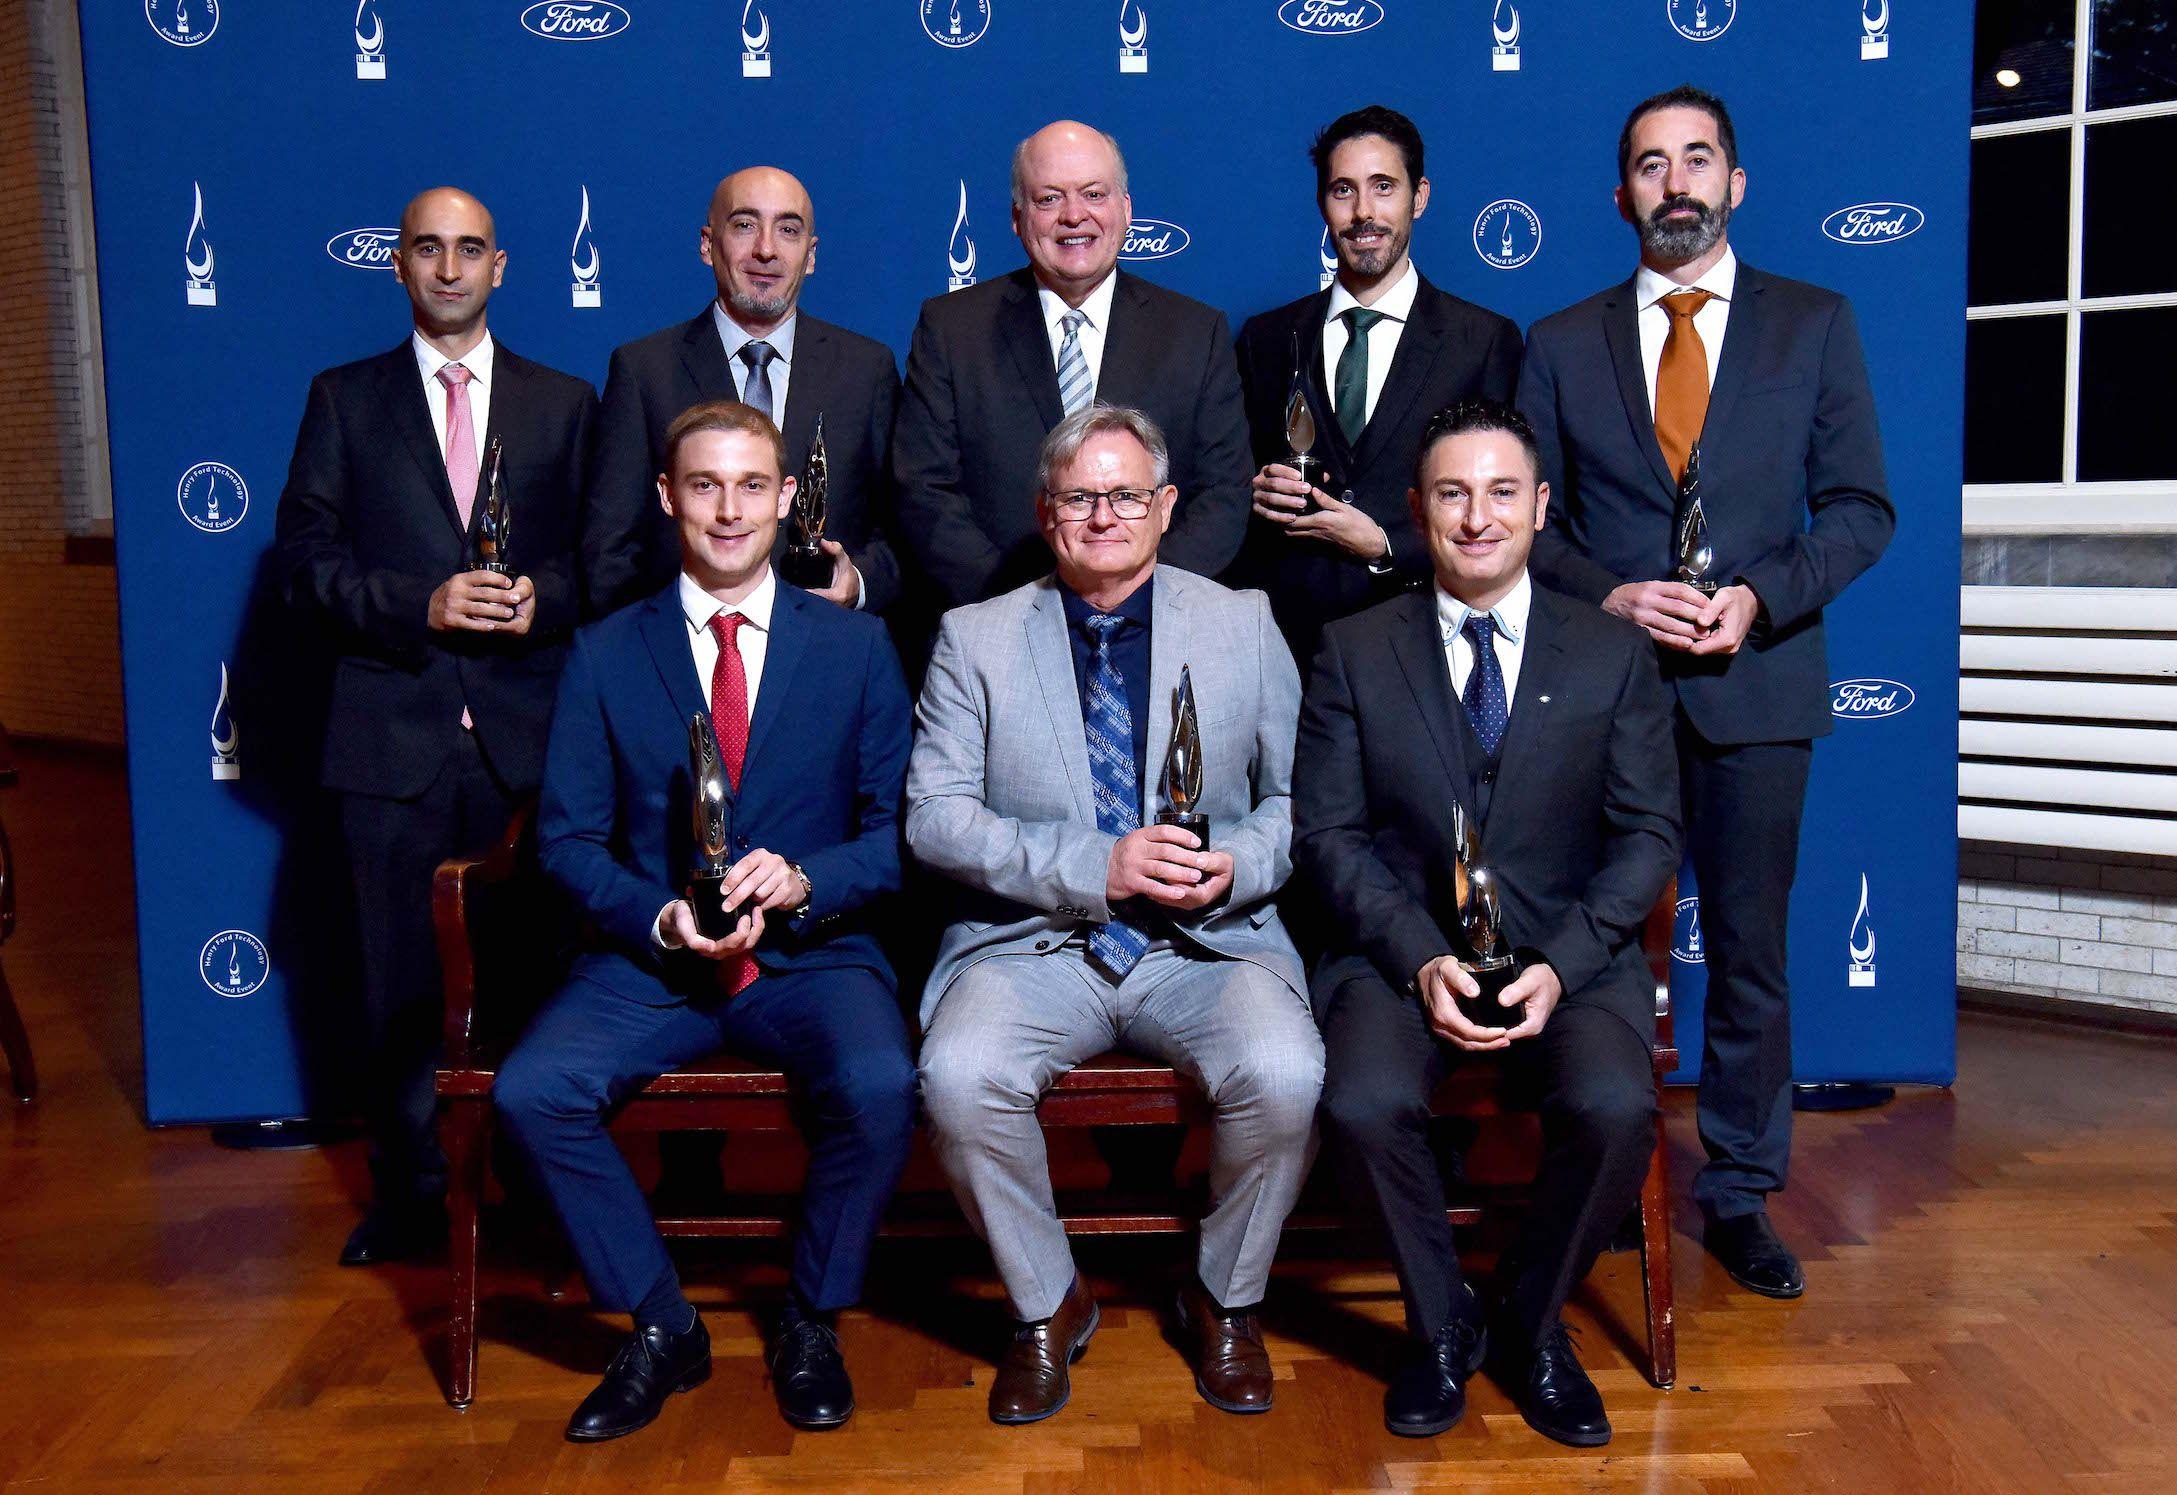 A la derecha, el profesor Nicolás Montes (CEU UCH), con los miembros del equipo de Ford Valencia, con el presidente y CEO de Ford Motor Company, Jim Hackett.